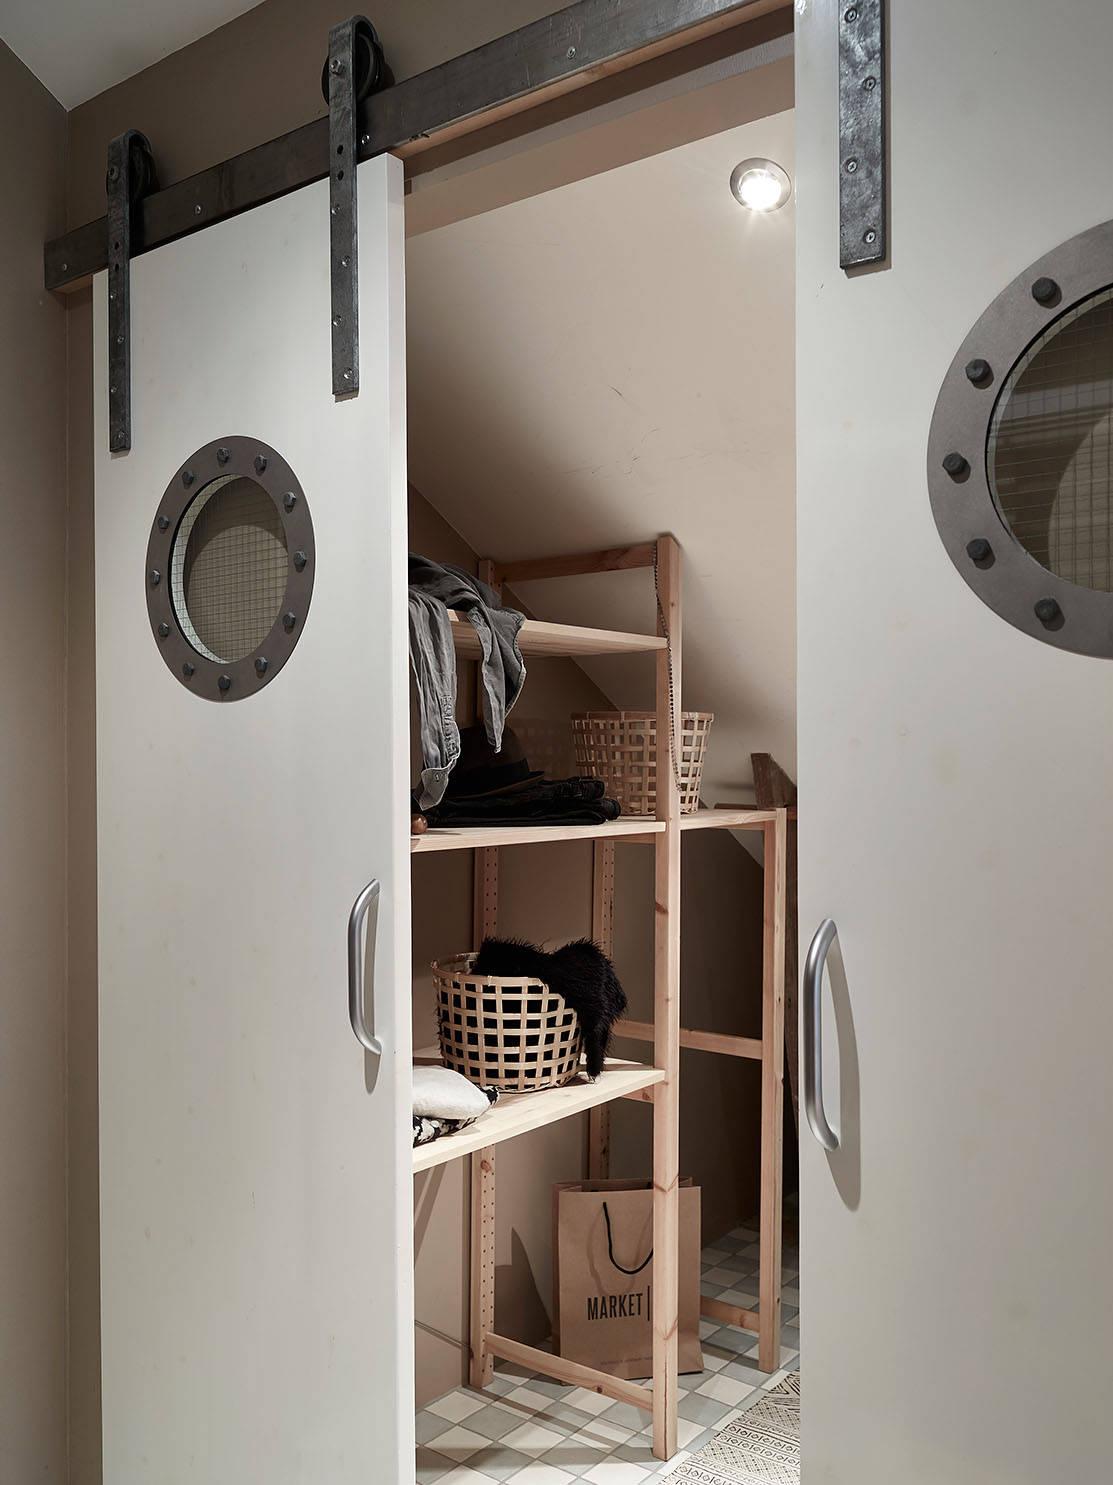 drzwi przesuwne do garderoby, drzwi z okrągłą szybą, system do drzwi przesuwnych, drzwi przesuwne w stylu skandynawskim